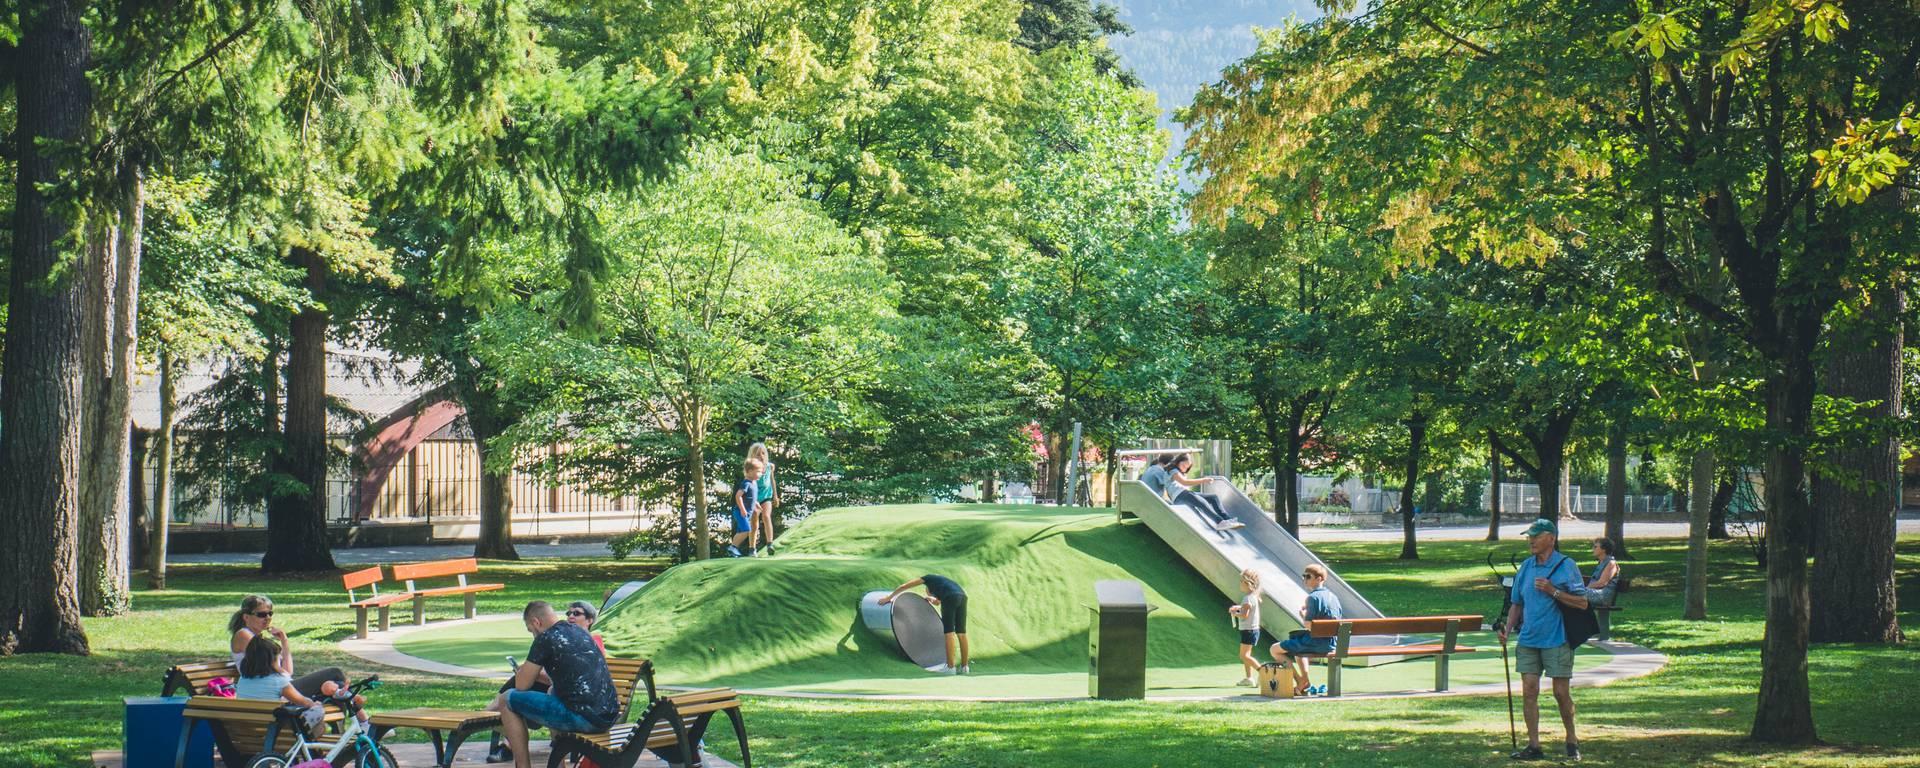 Jeux pour enfants au parc de la Victoire